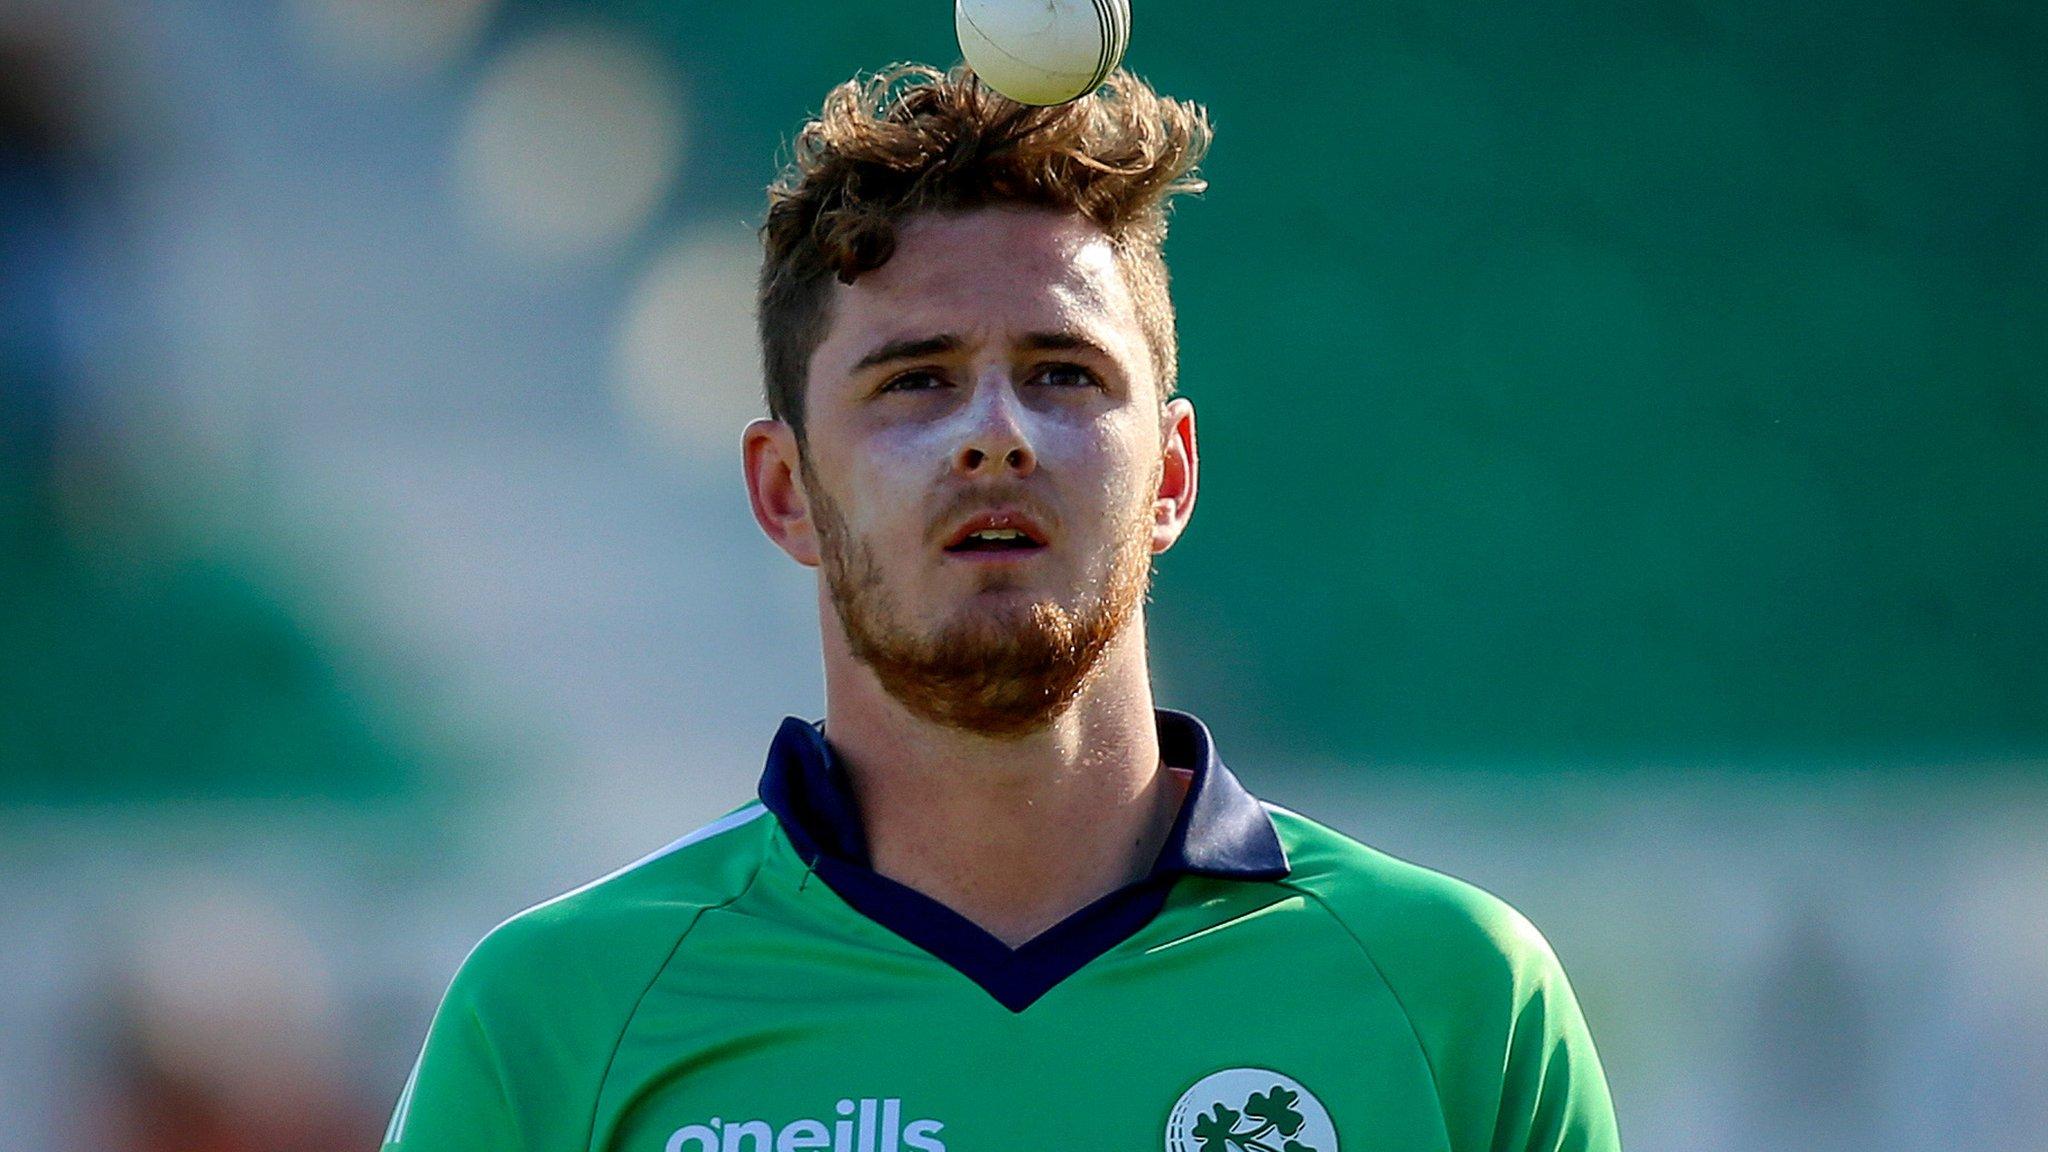 Ireland beat Afghanistan by 72 runs in Belfast ODI